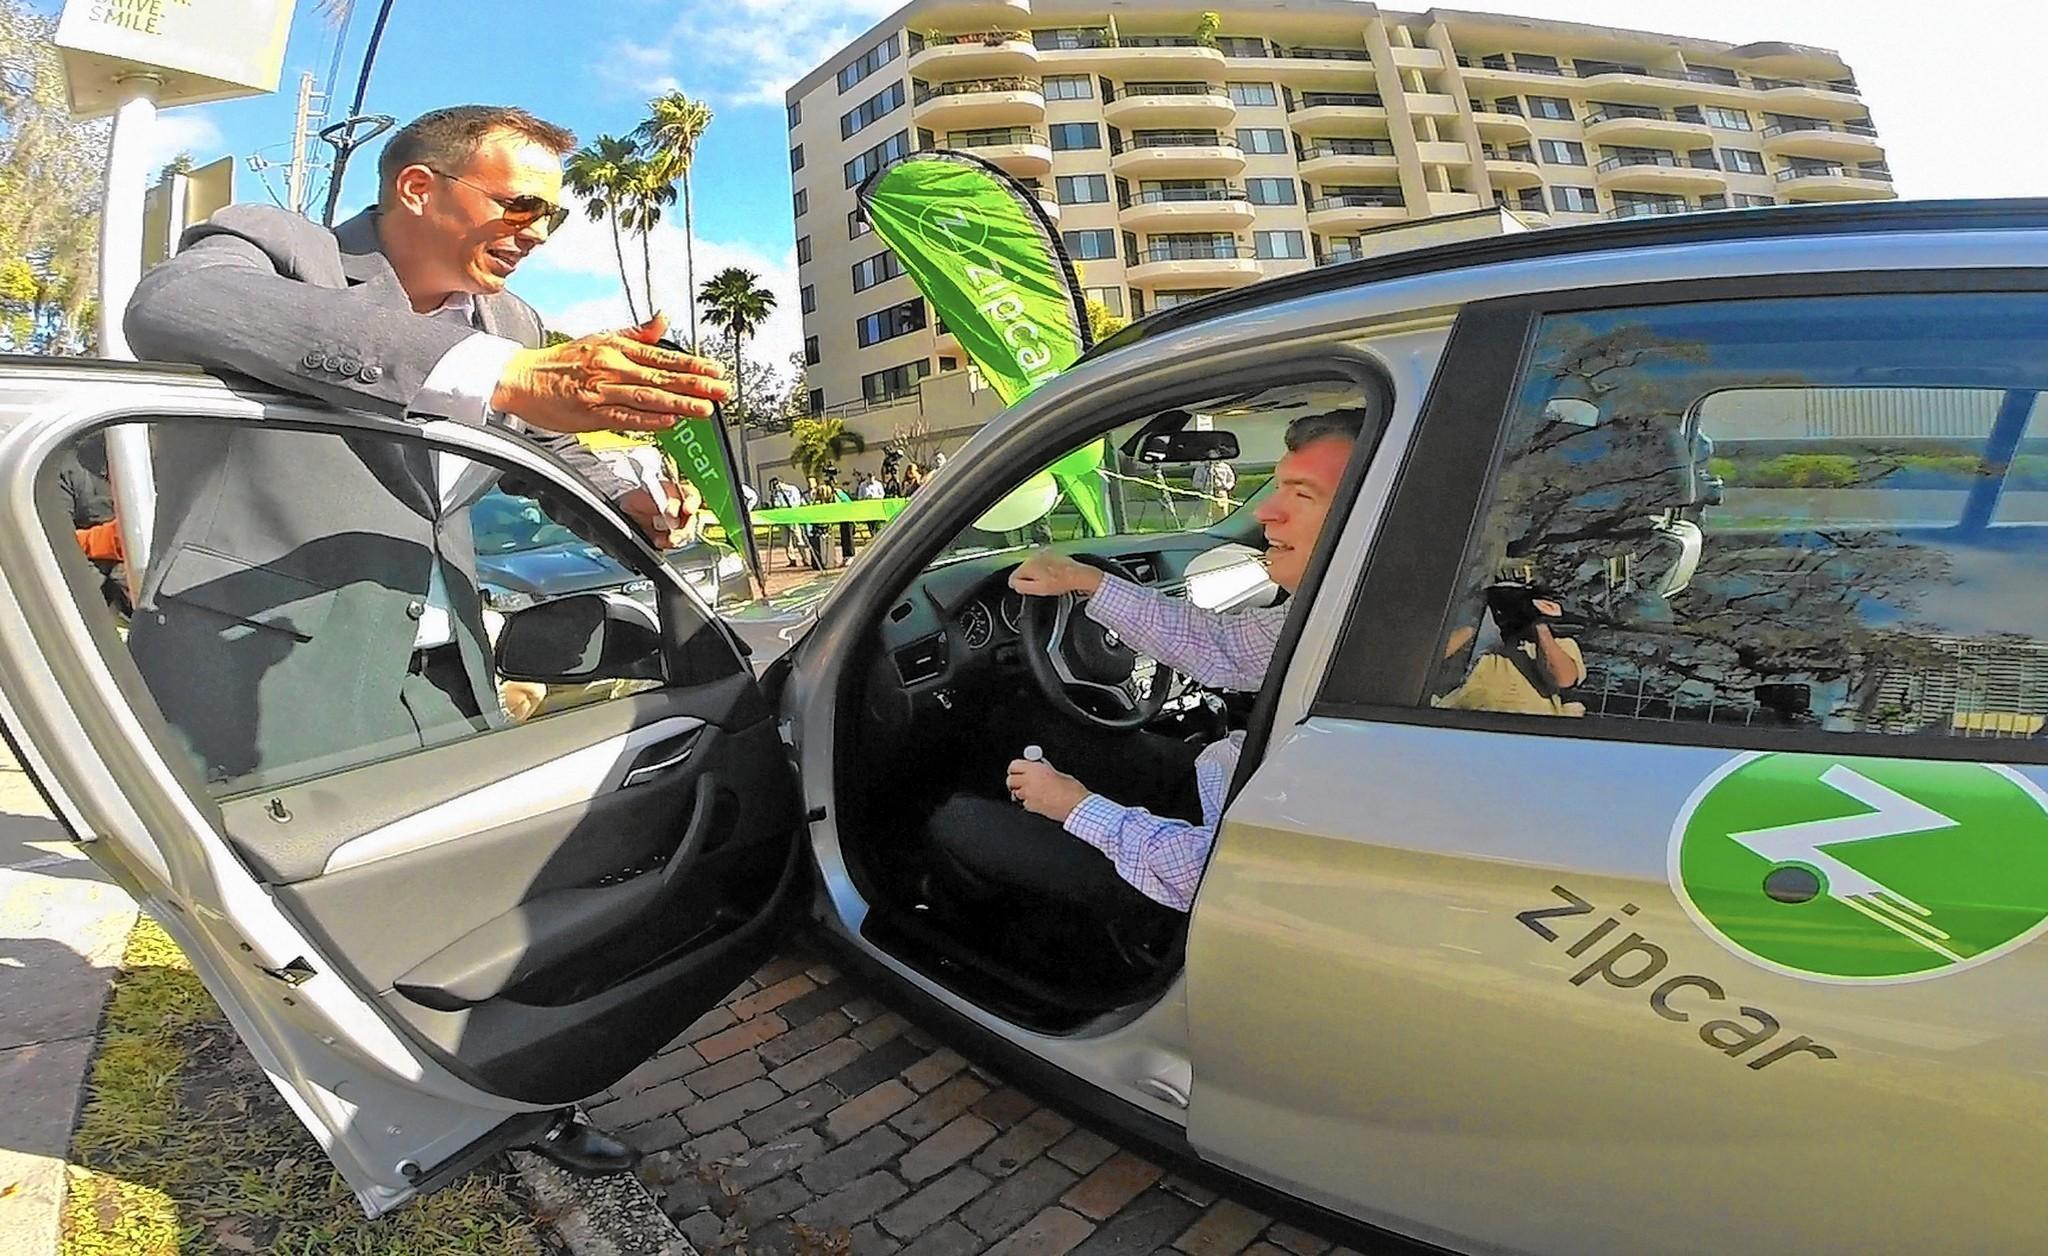 Orlando, Winter Park unveil new car-share program - Orlando Sentinel